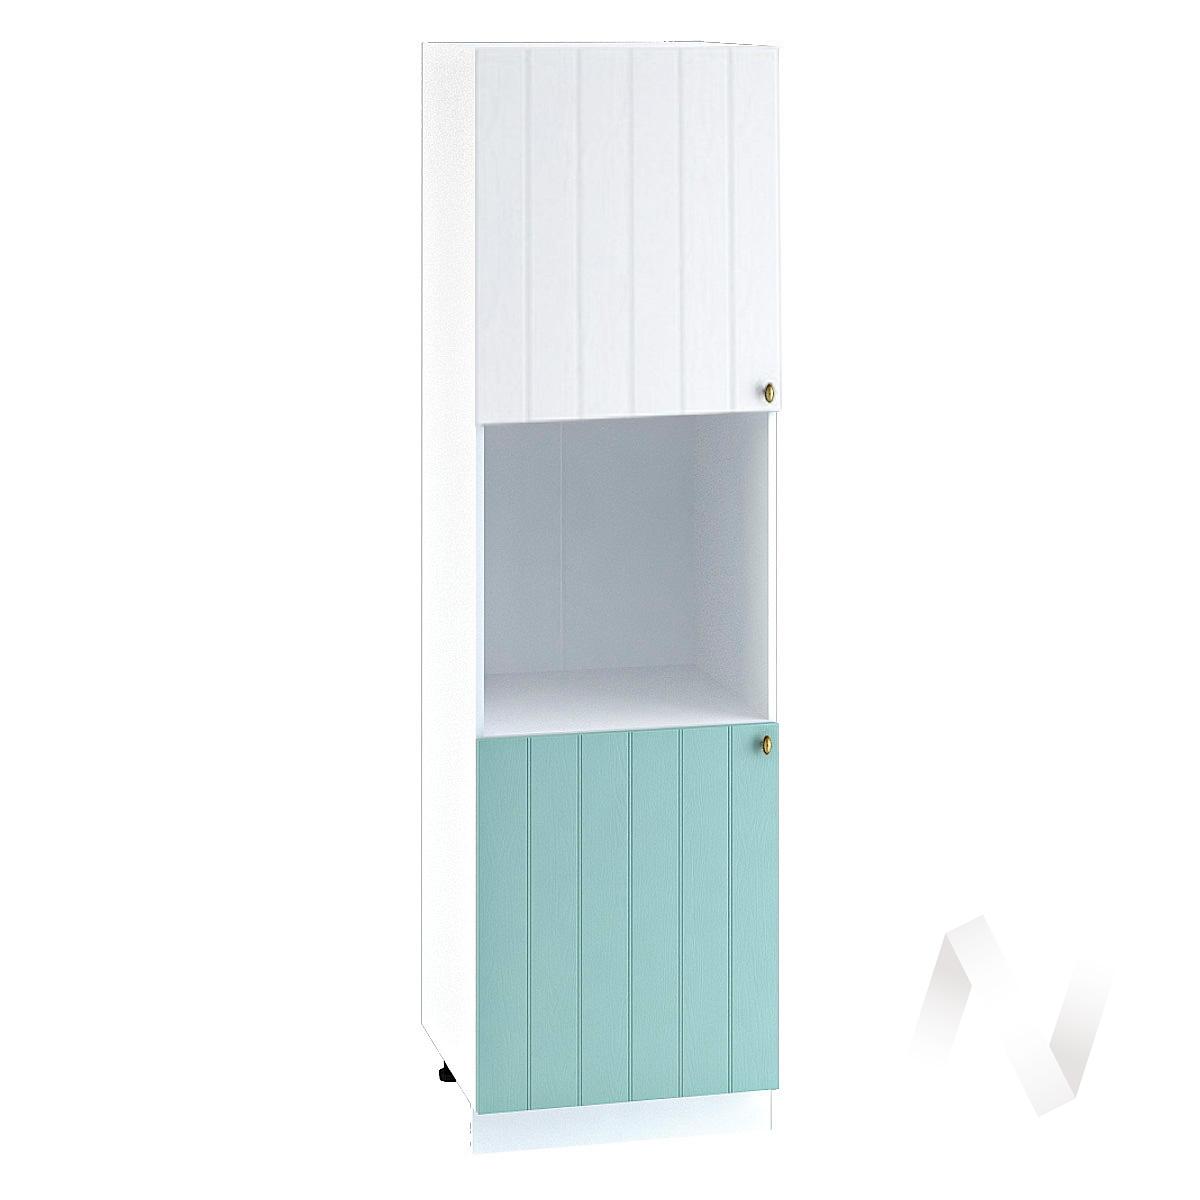 """Кухня """"Прованс"""": Шкаф пенал 600, ШП 600 (белое дерево/голубой/корпус белый)"""